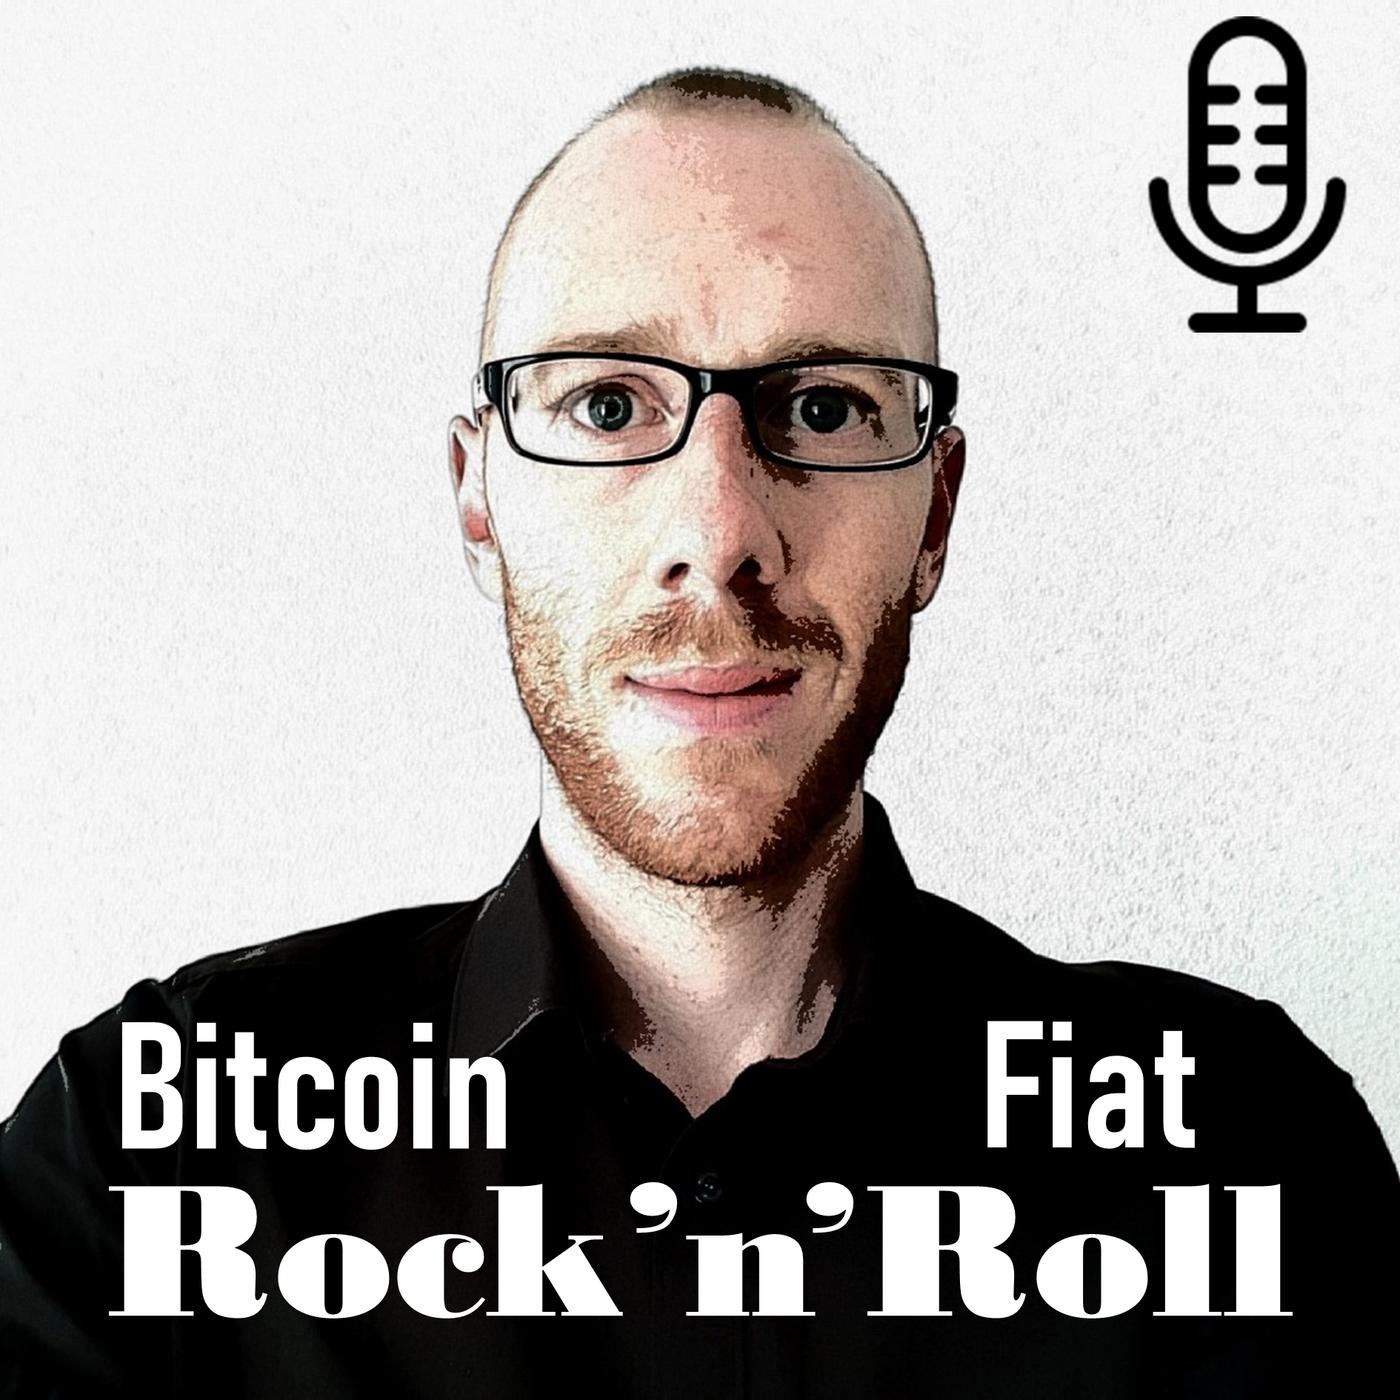 Fiat Rock n Roll